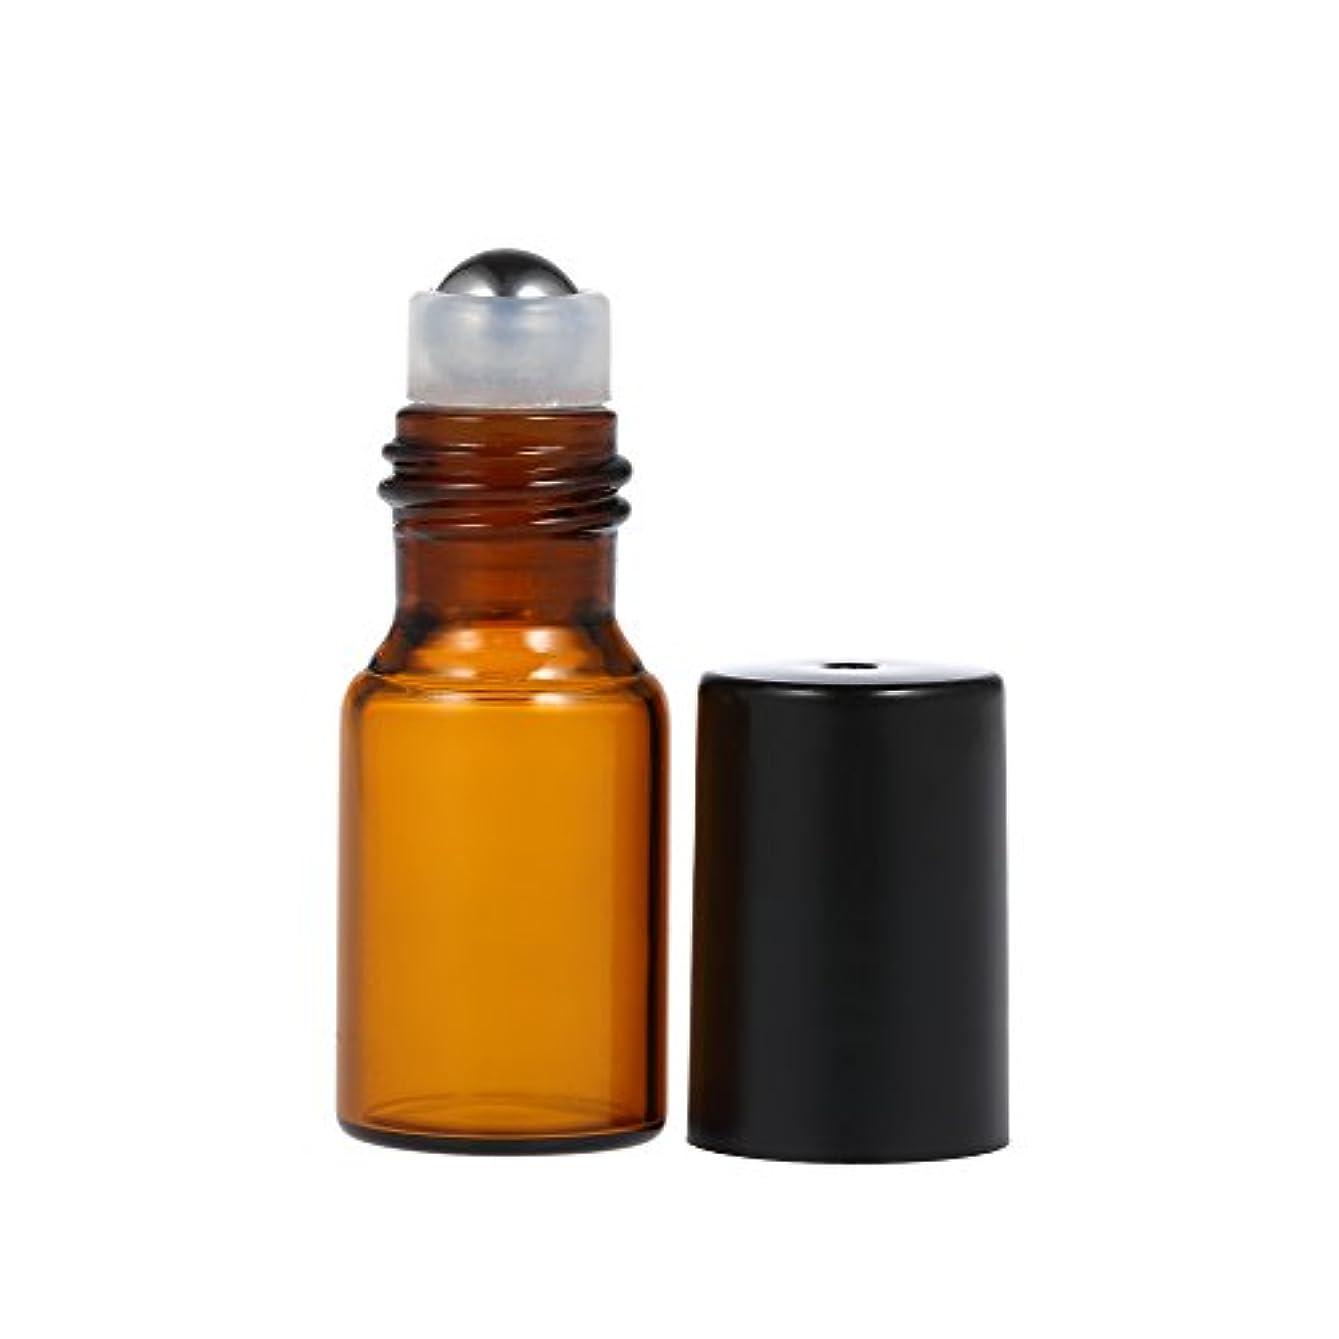 有効やりがいのあるホースDecdeal 詰め替えボトル エッセンシャルボトル ローラーボトル エッセンシャルオイルローラーボトル アンバーガラスボトル ロールオンボトル ステンレス エッセンシャルオイルジャー 3ml 10個 3ml/個